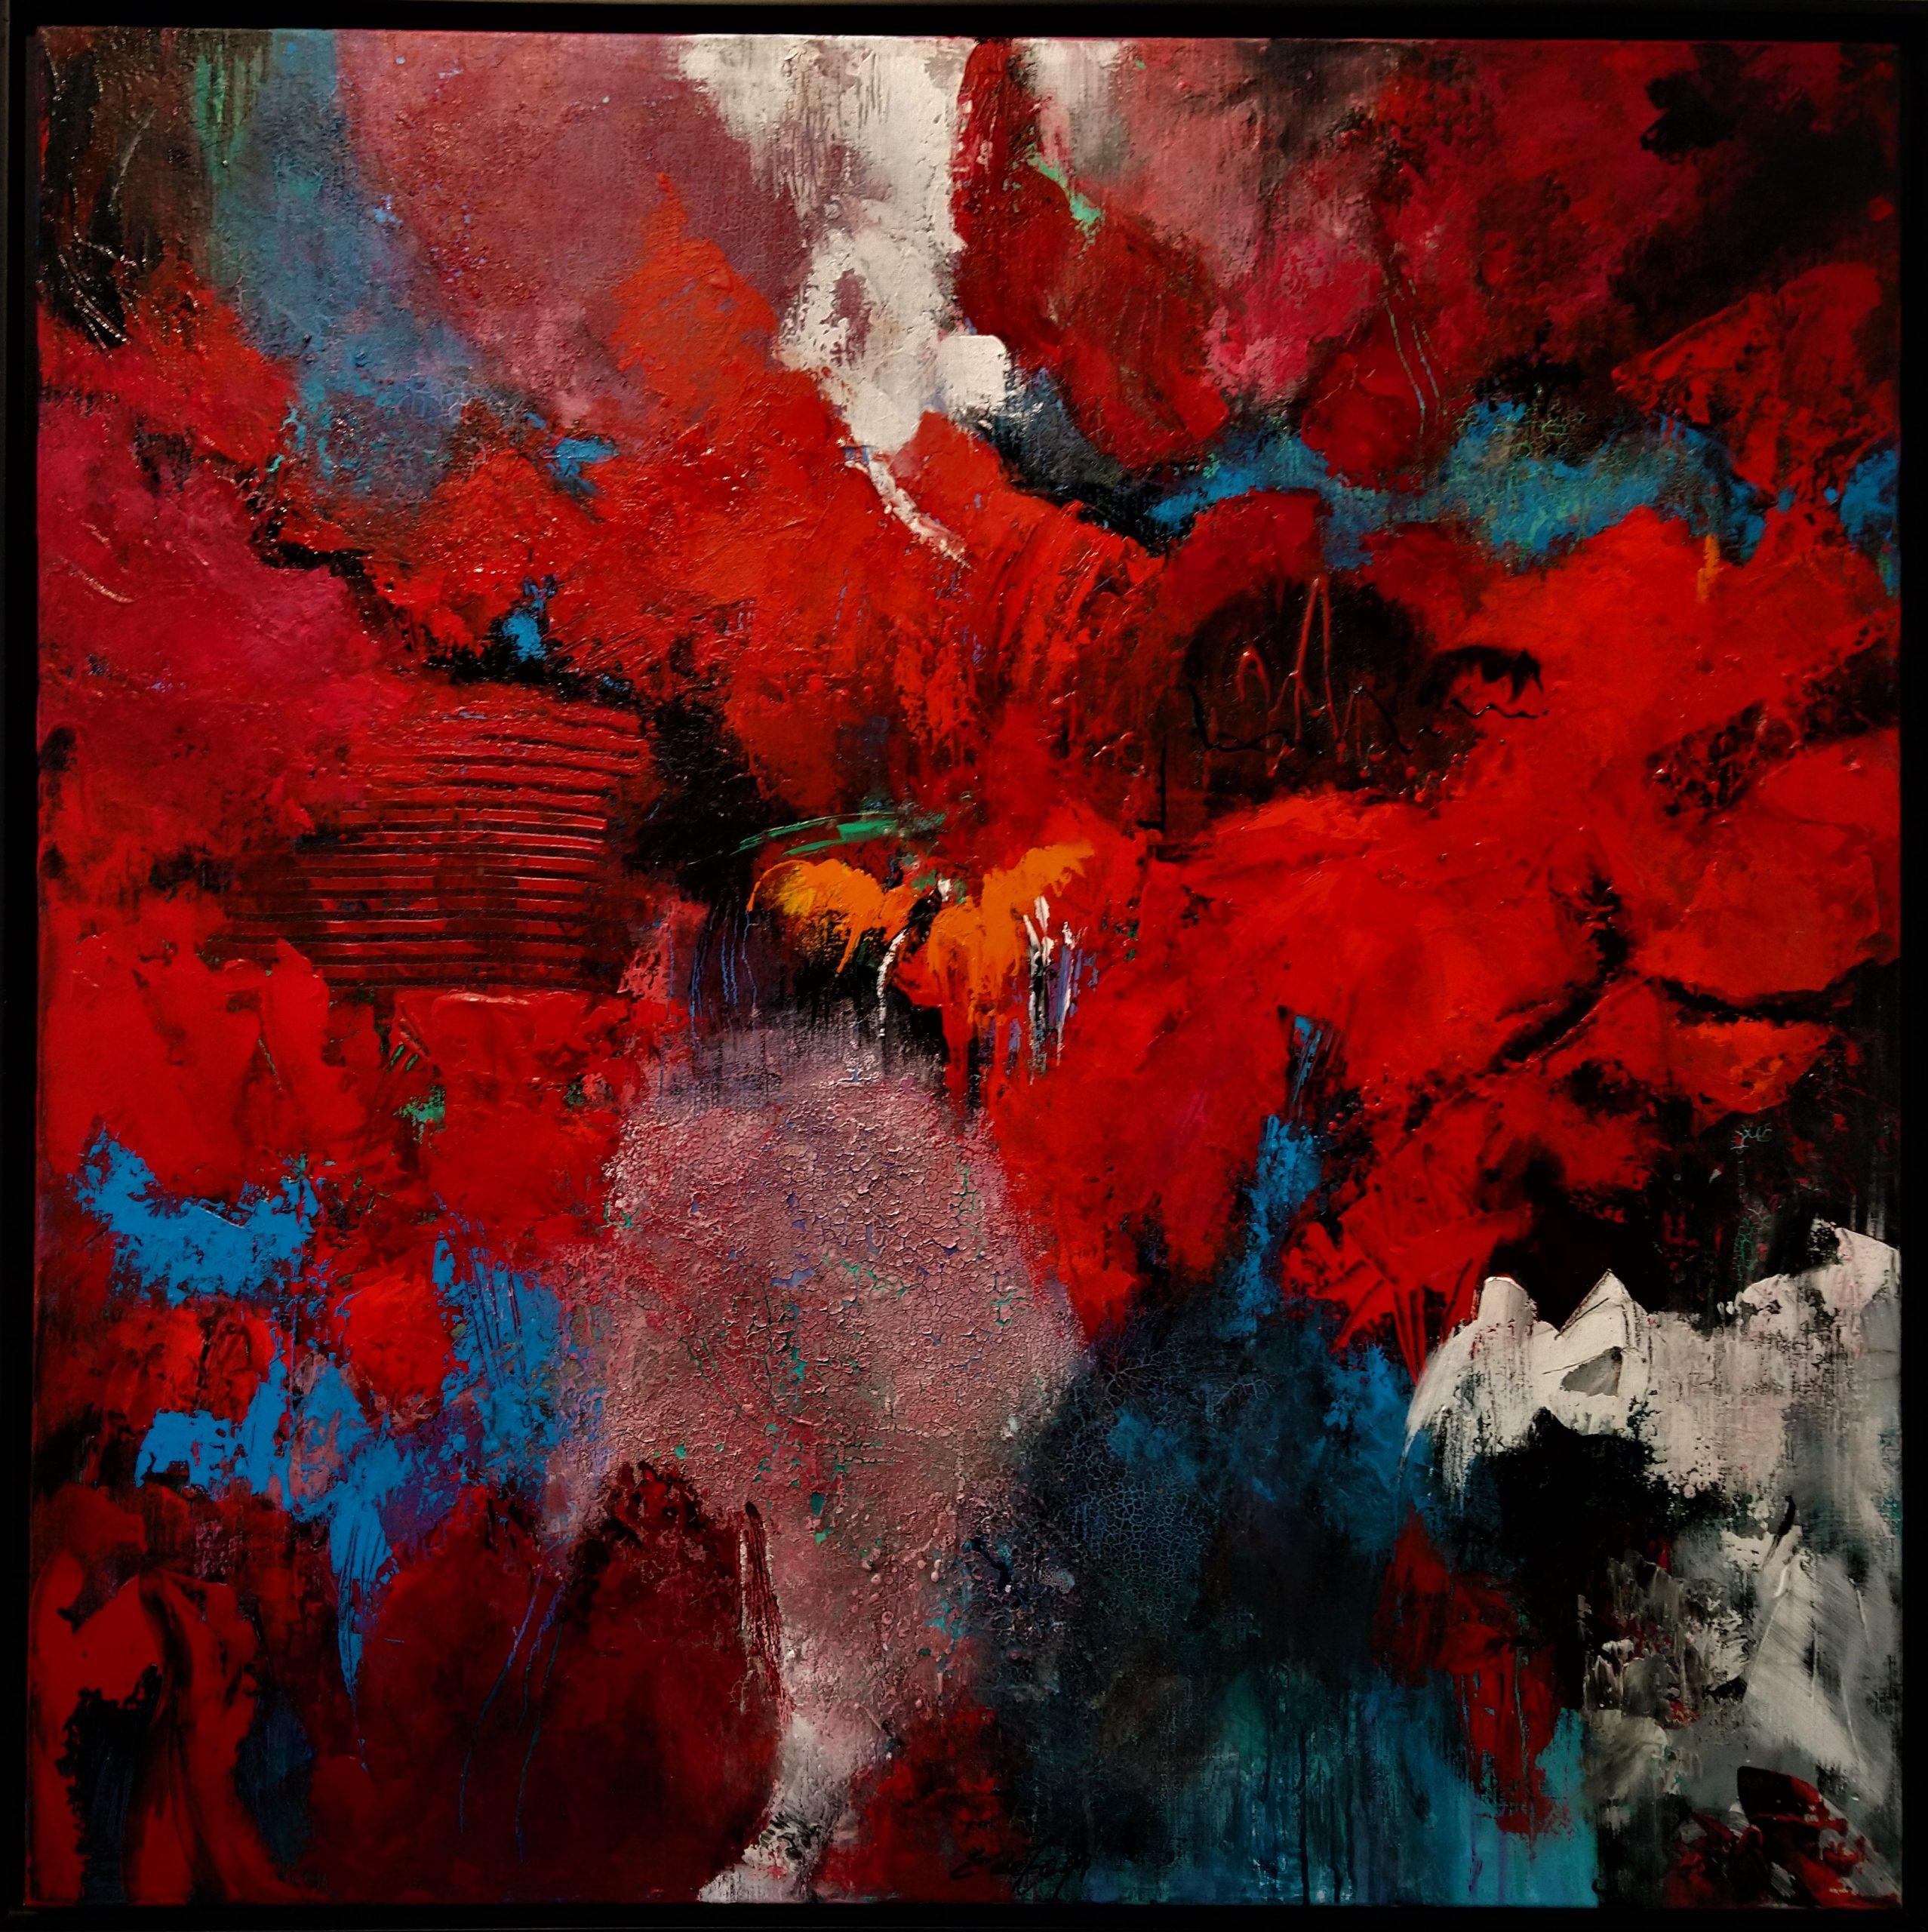 schilderij acrylverf op canvas 100 x 100 cm